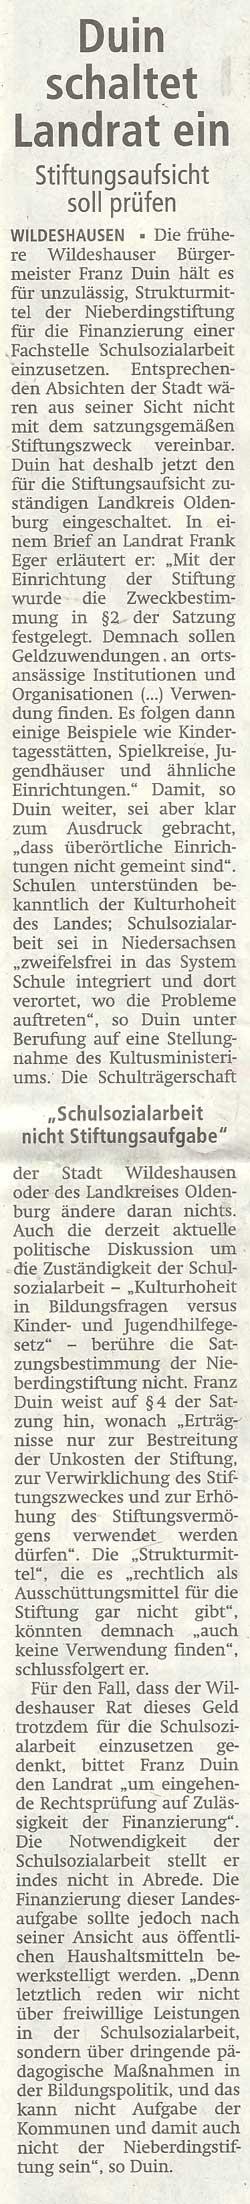 Duin schaltet Landrat einStiftungsaufsicht soll prüfenArtikel vom 25.06.2012 (WZ)